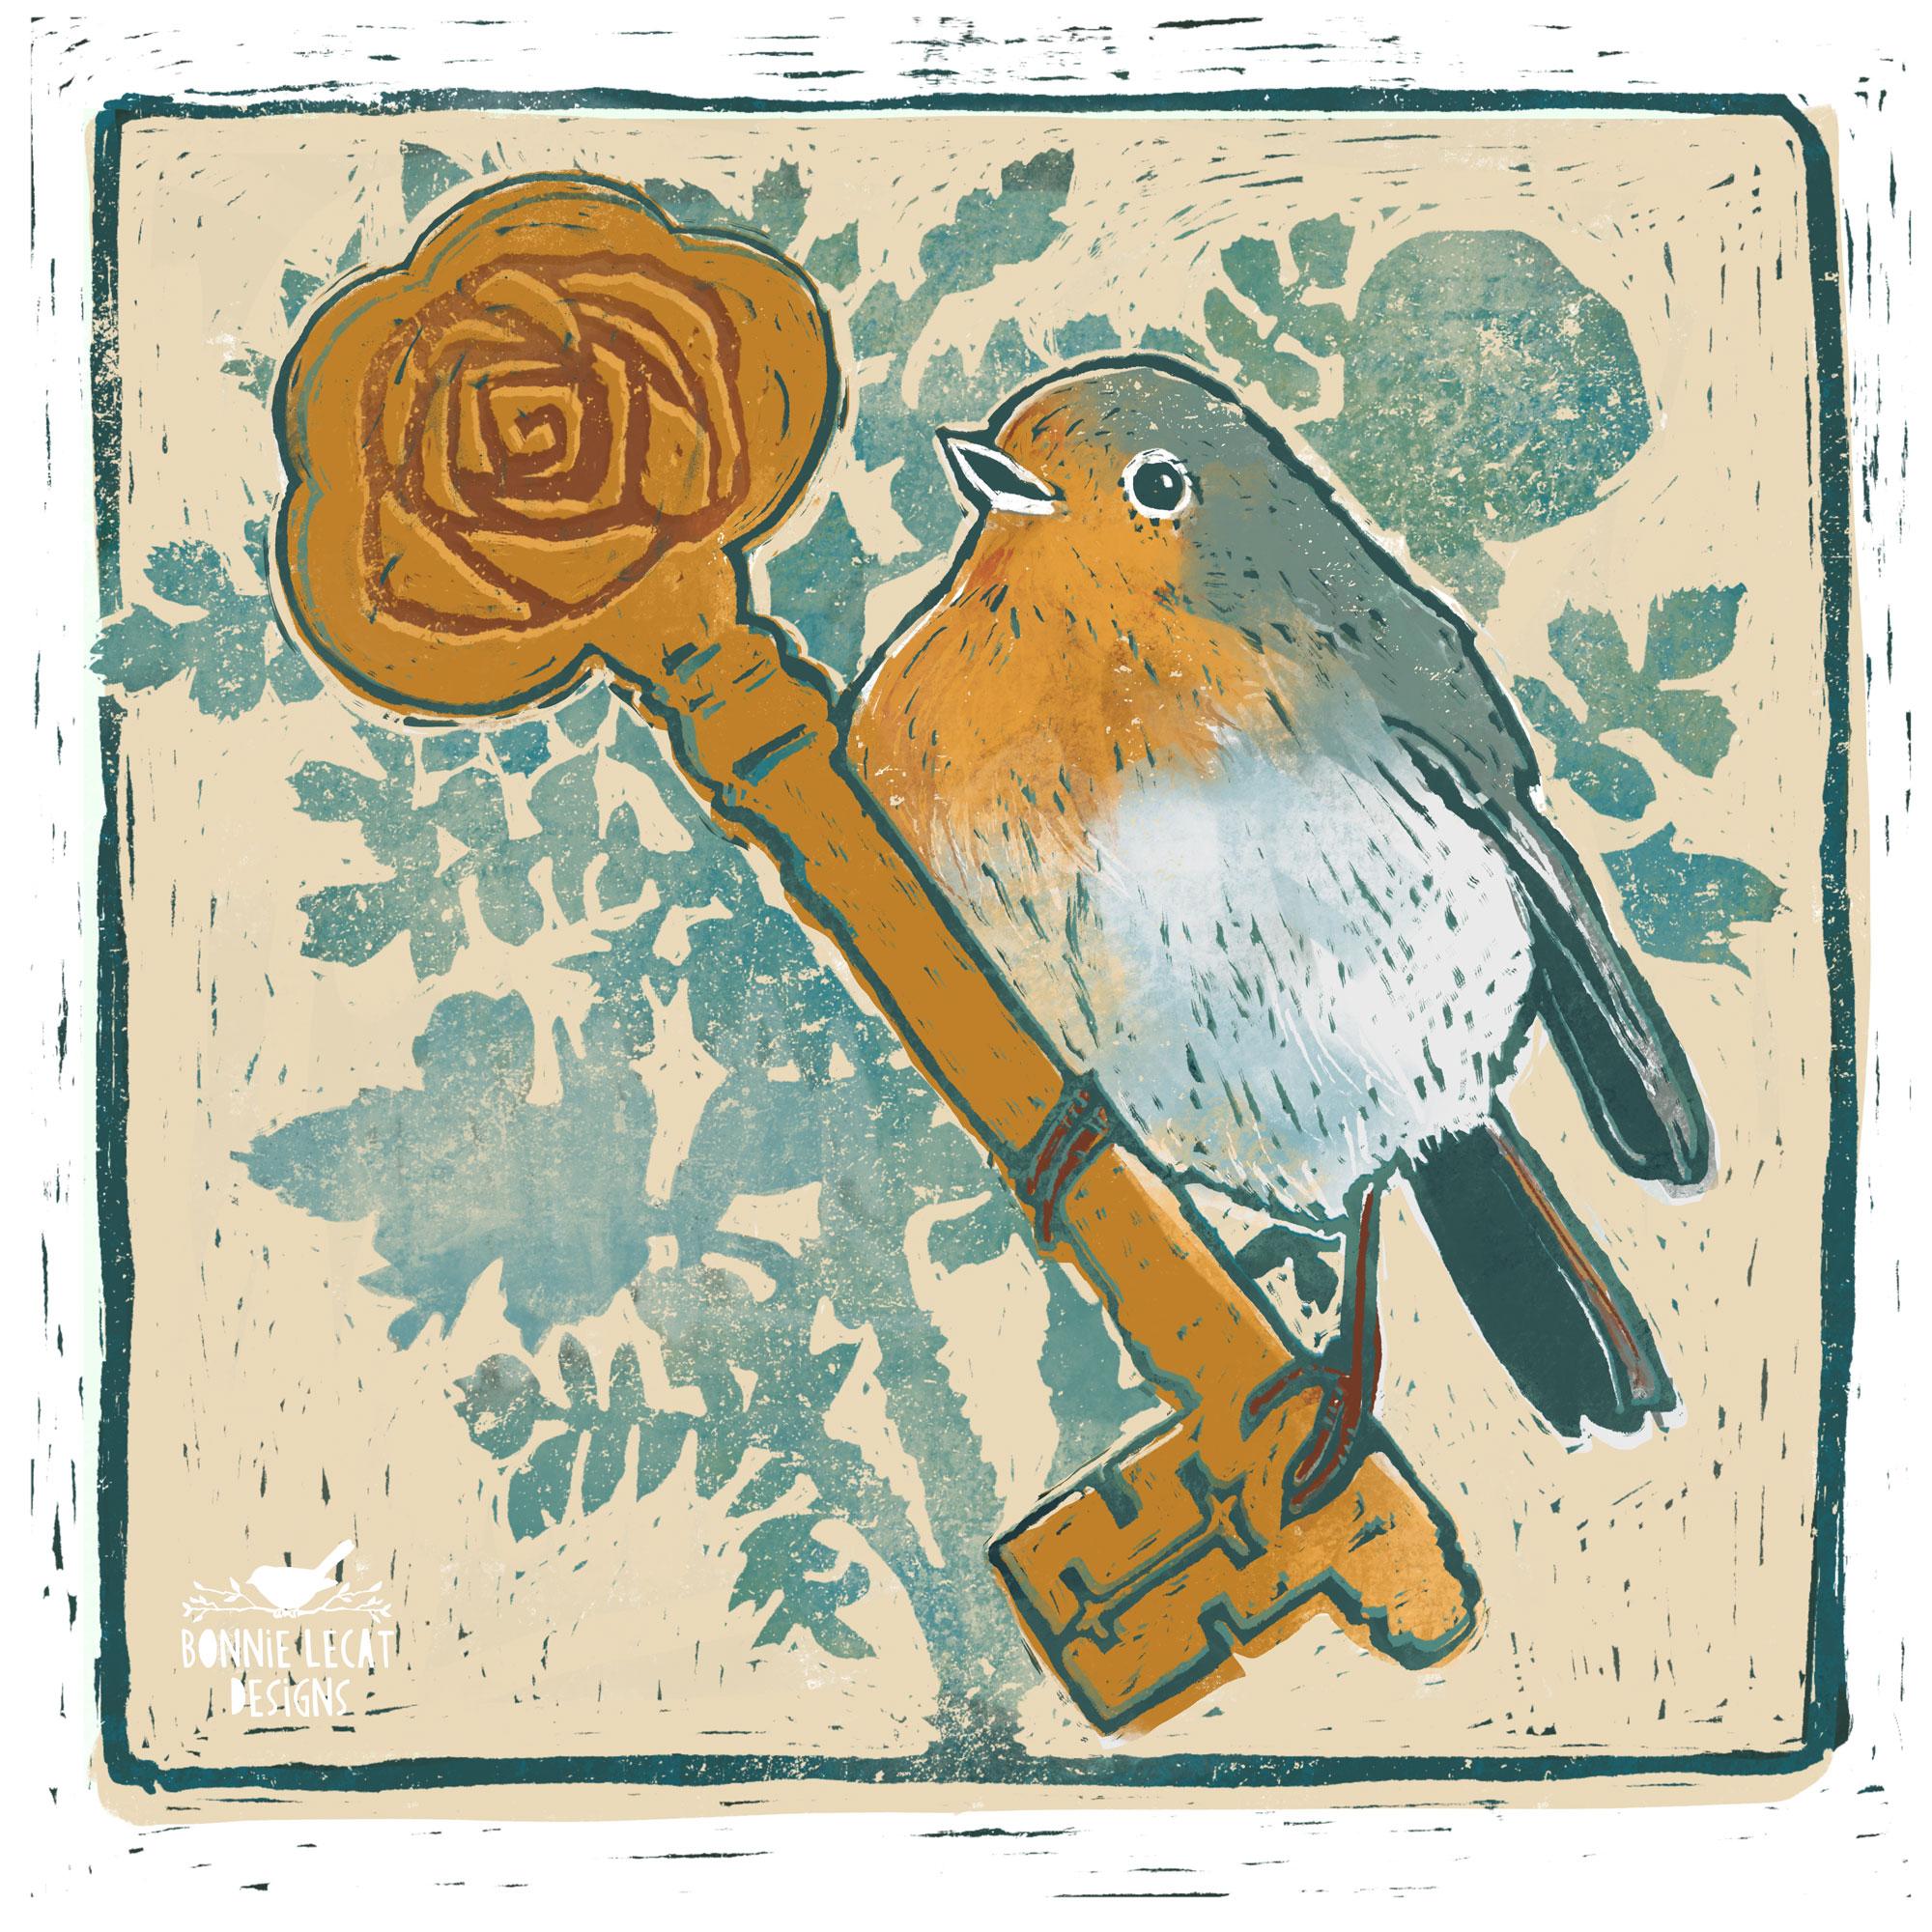 The Secret Garden Illustration by Bonnie Lecat